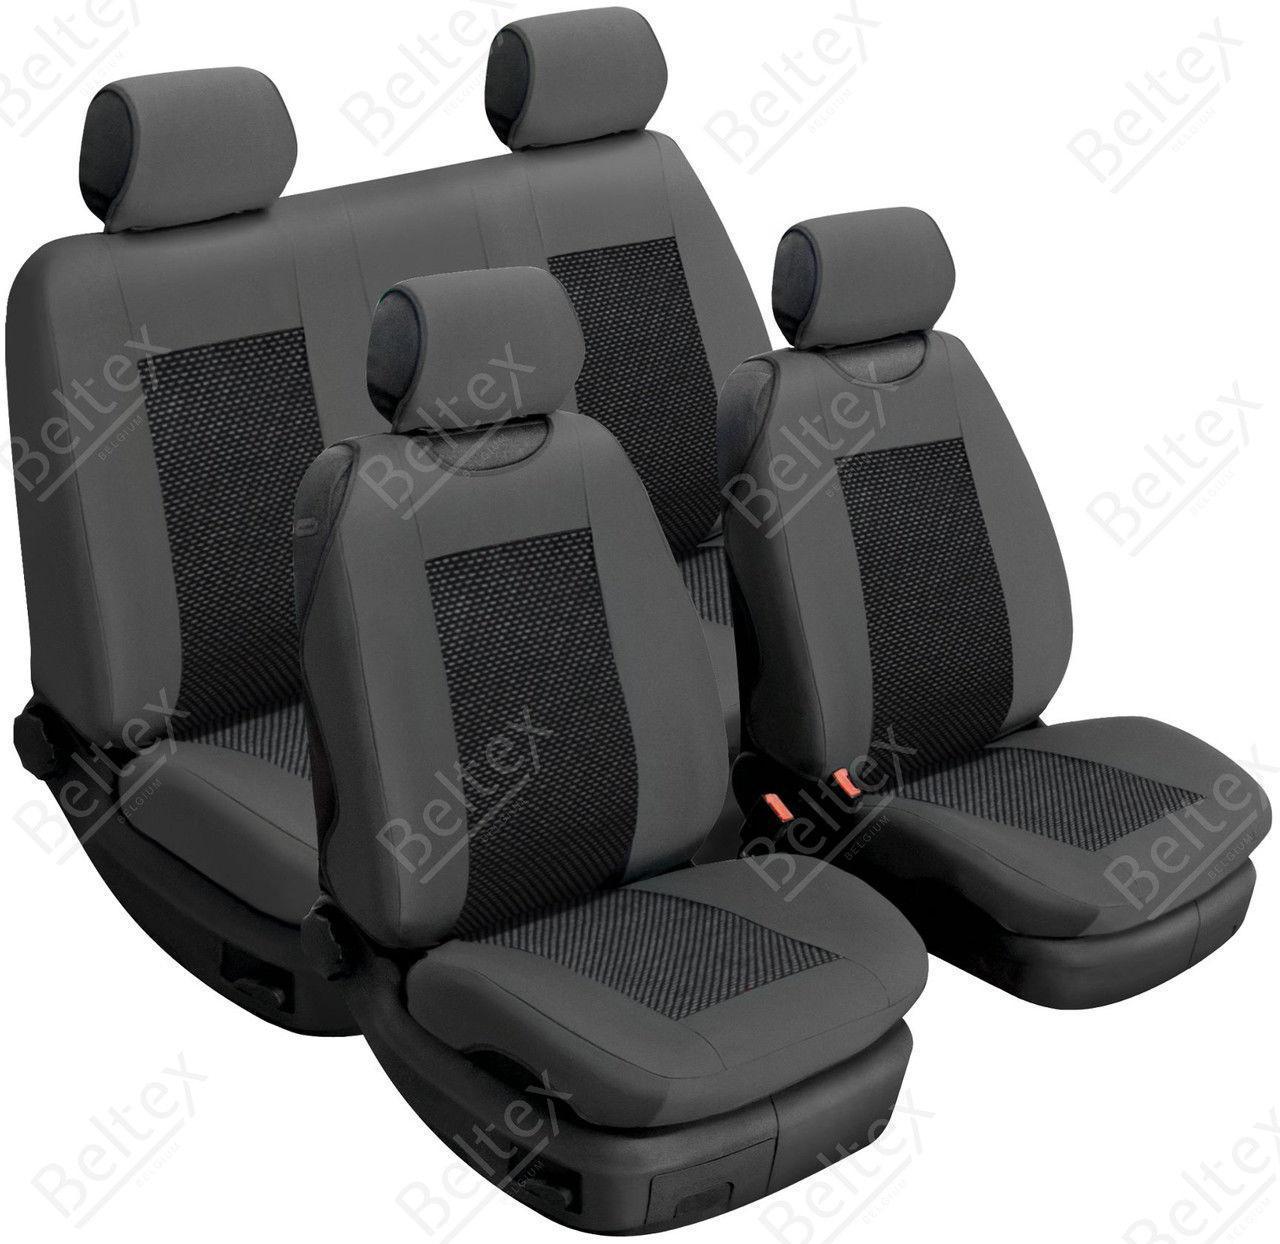 Майки/чехлы на сиденья Пежо Эксперт (Peugeot Expert)